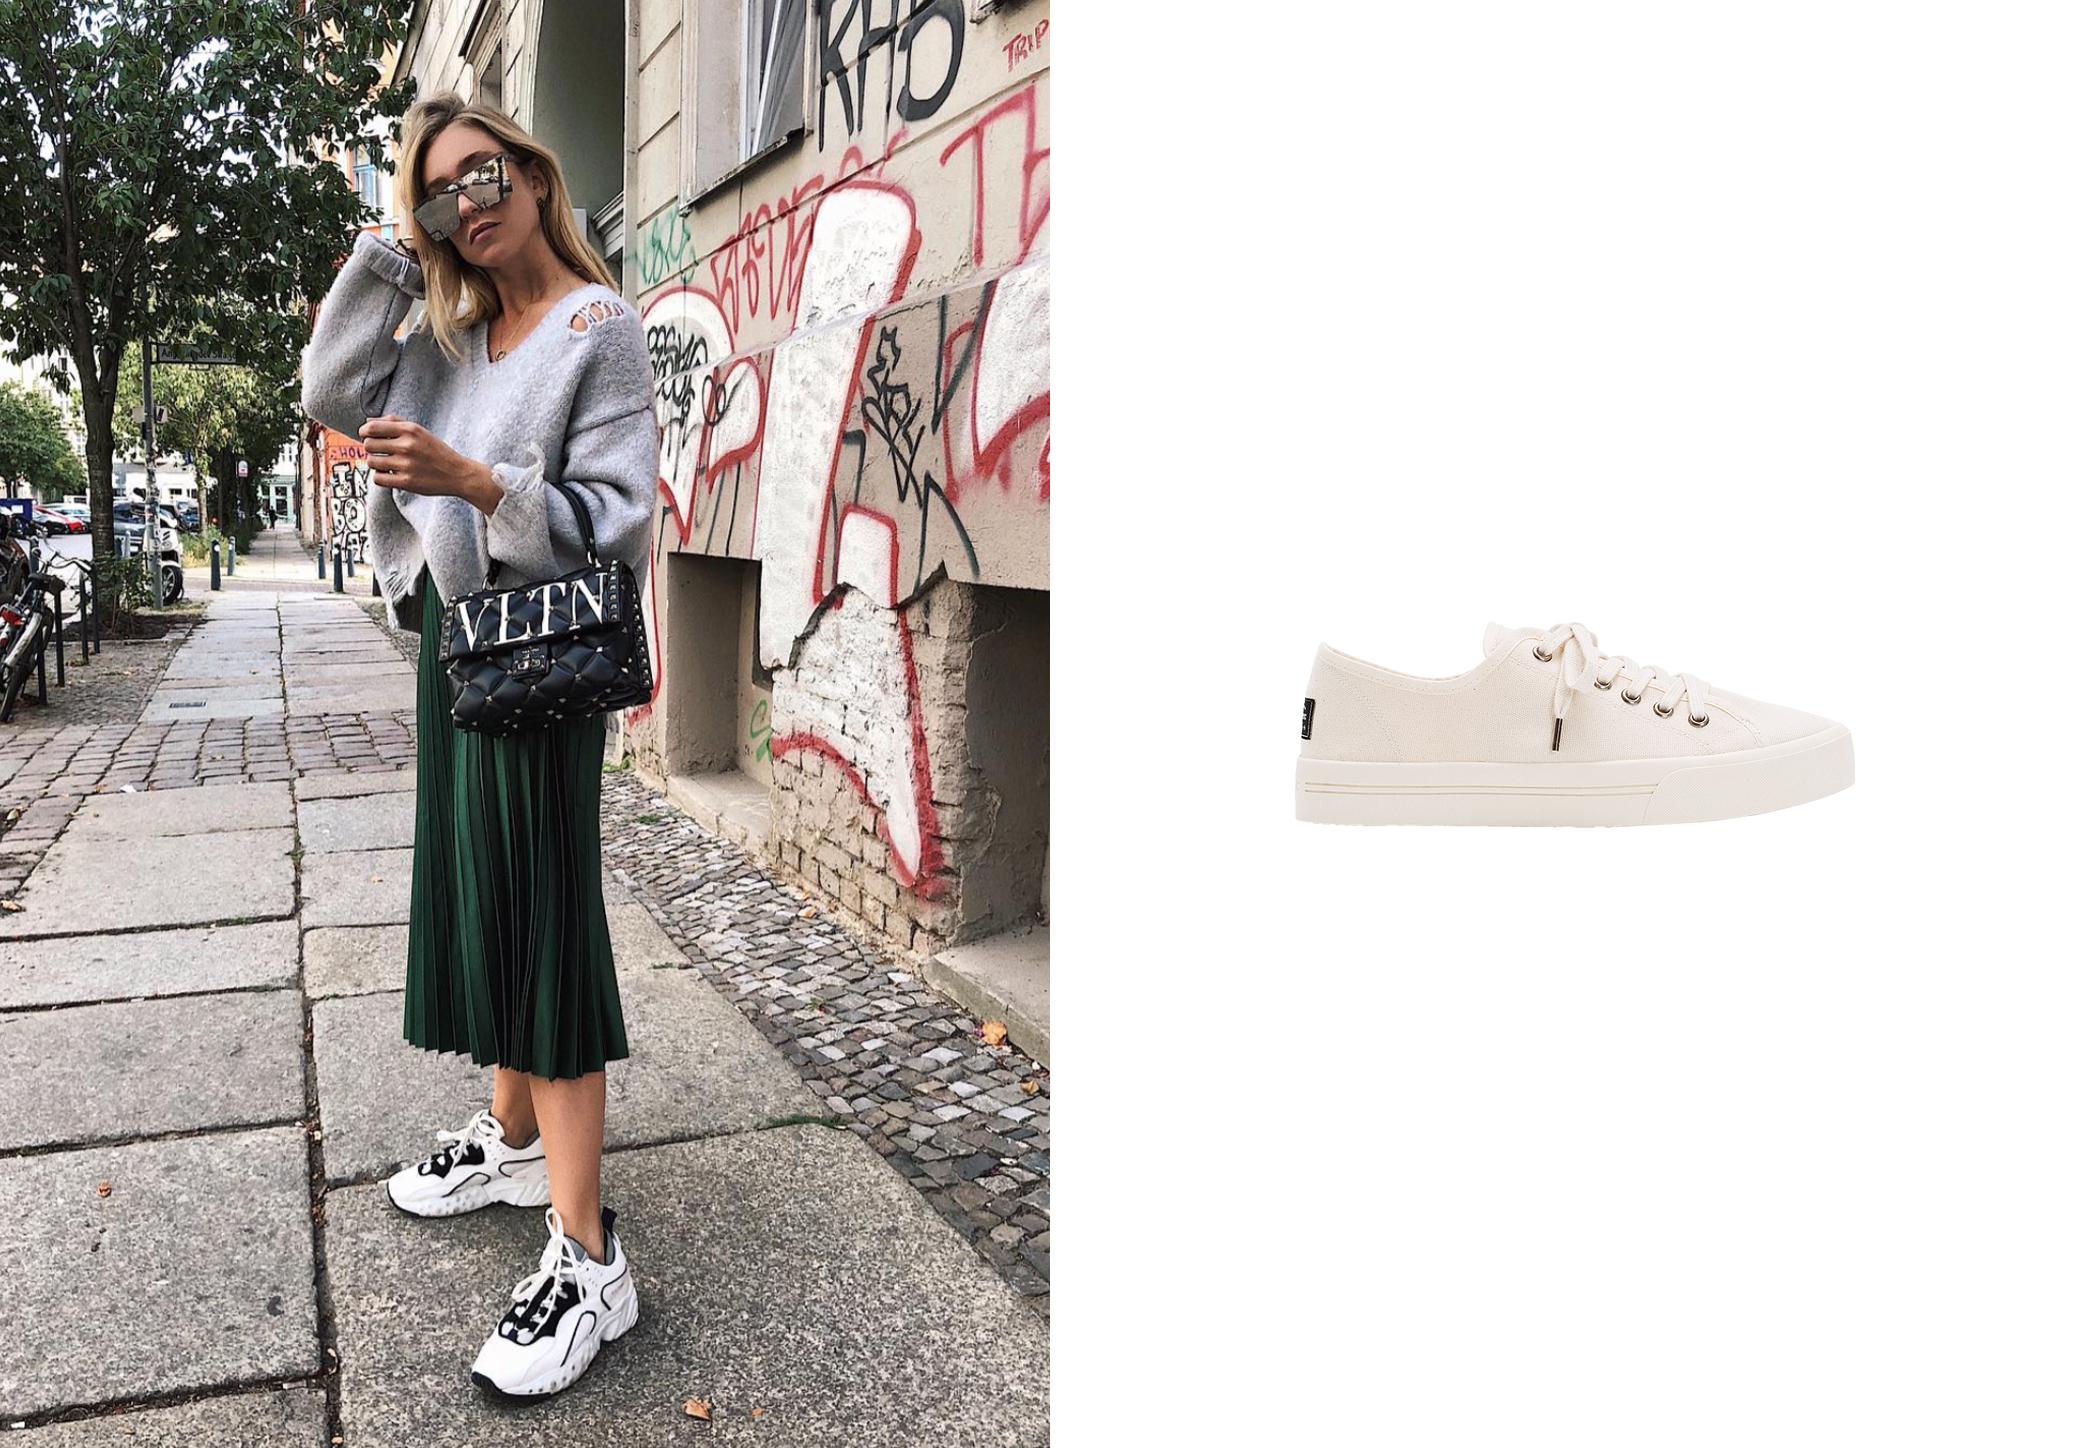 De izq a dcha: Sonia Lyson con ugly sneakers en blanco y negro y zapatillas blancas con suela de goma de Pompeii, 55 €. (@soniafrancex y cortesía de la marca)